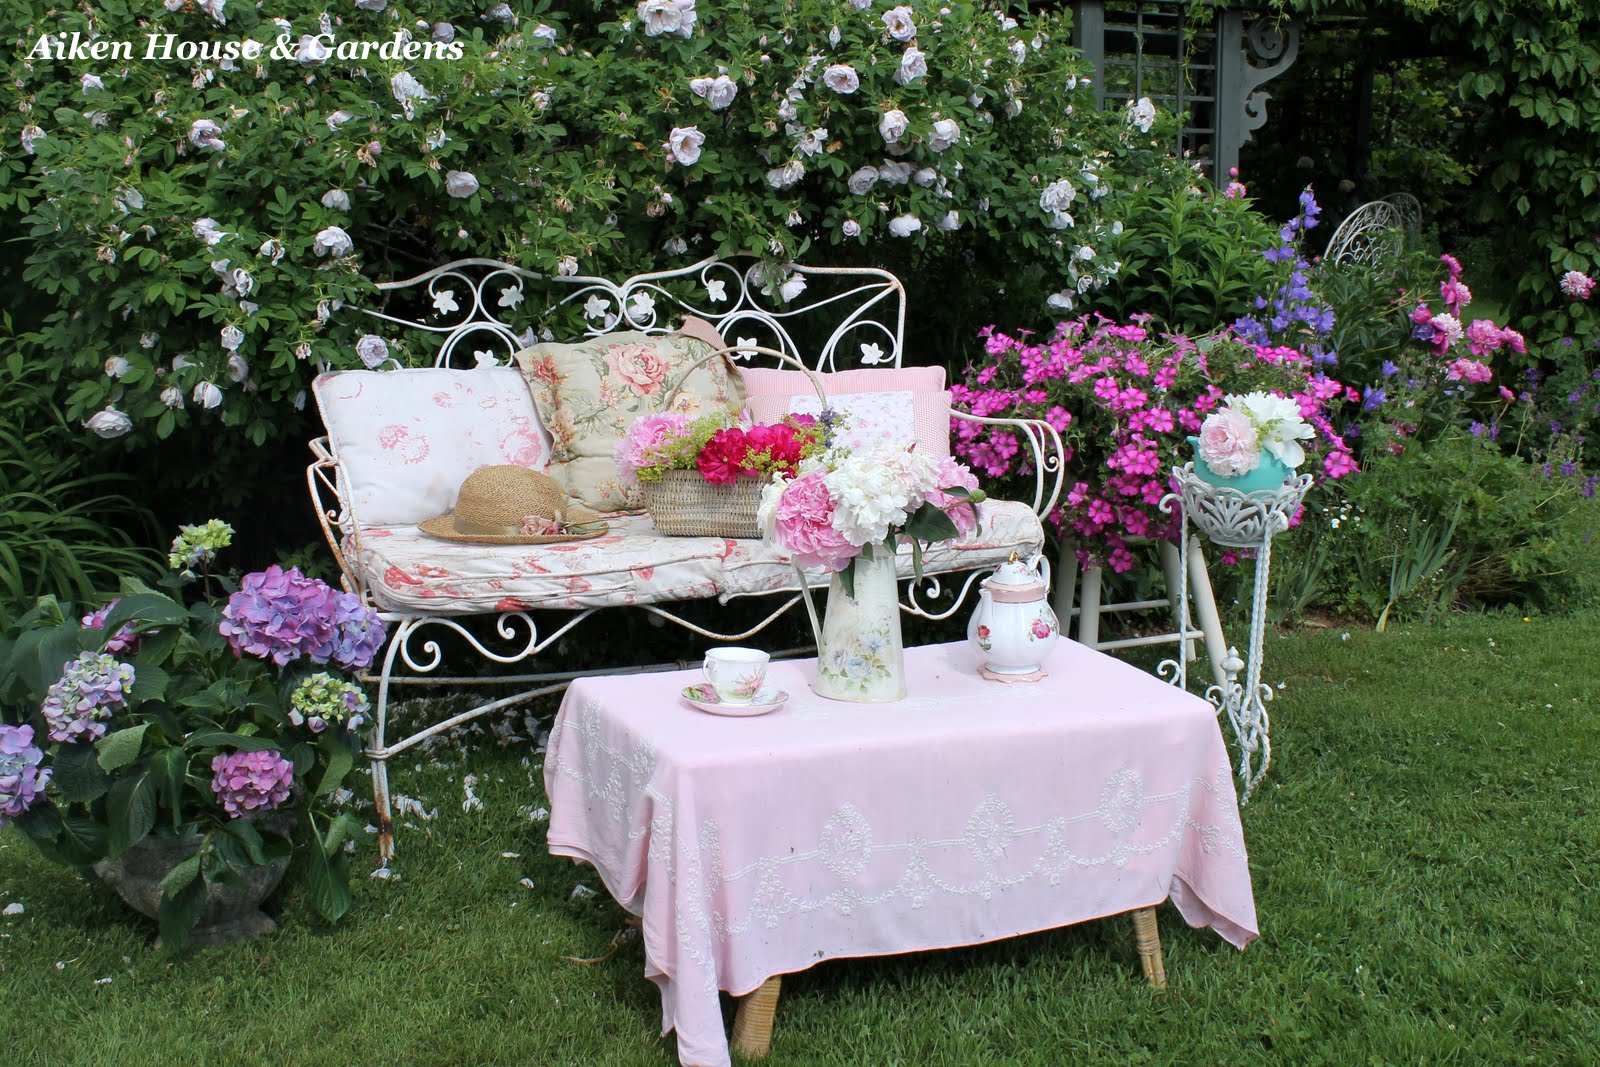 белый цвет, растения, сад, уход за садом, декор, білий колір, сад, догляд за рослинами, декор